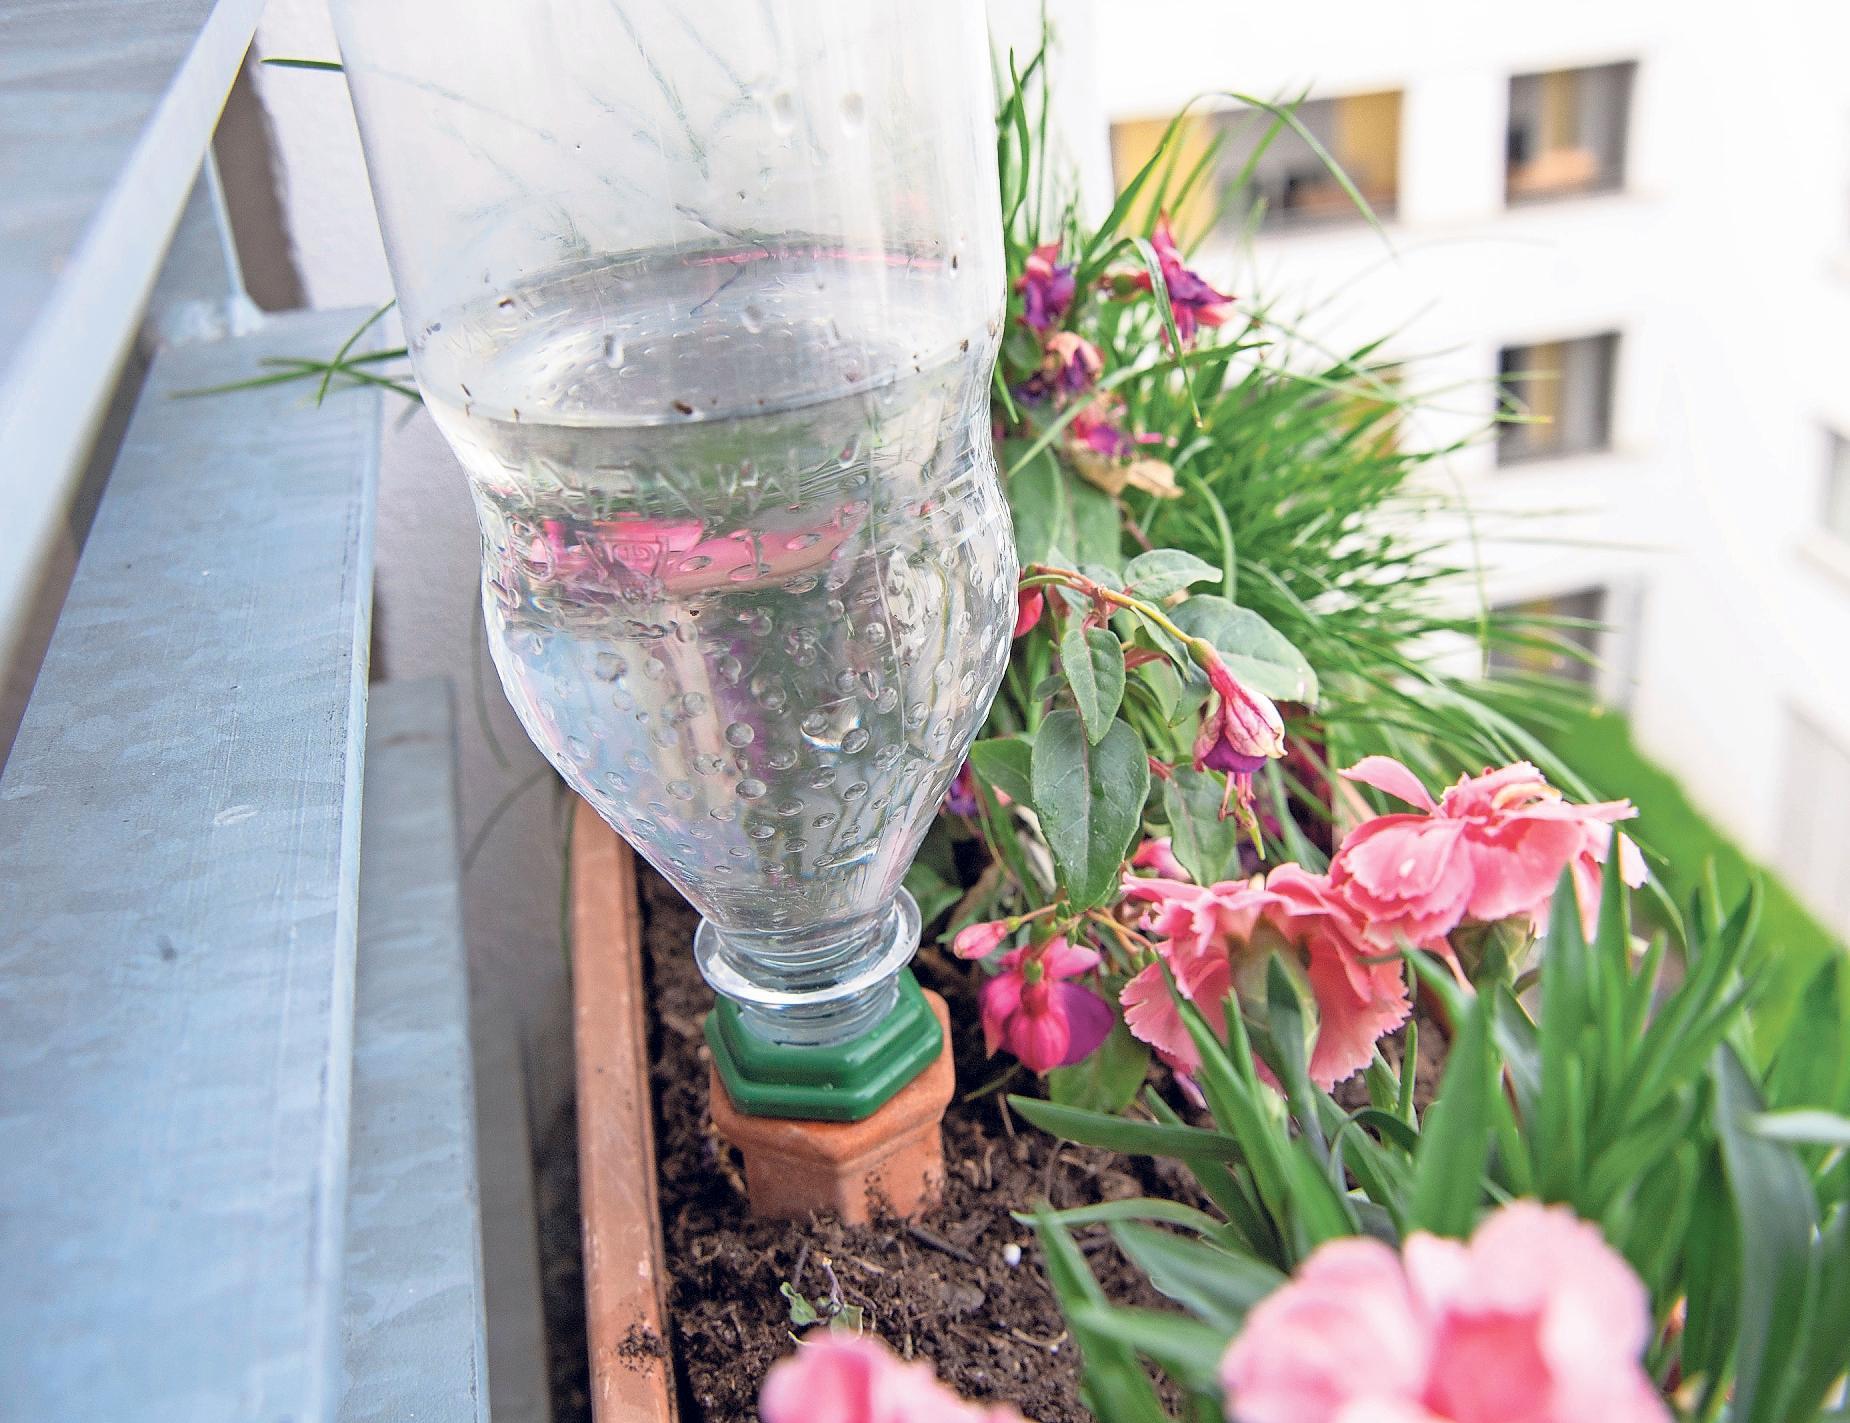 Ton-Kegel zur Bewässerung von Balkonkästen werden am besten schon bei der Bepflanzung in den Topf gesteckt, so dass die Wurzeln sich drumherum bilden können. Fährt man für ein paar Tage weg, kommen dann mit Wasser gefüllte Flaschen auf die Kegel. Foto: Andrea Warnecke/dpa-tmn